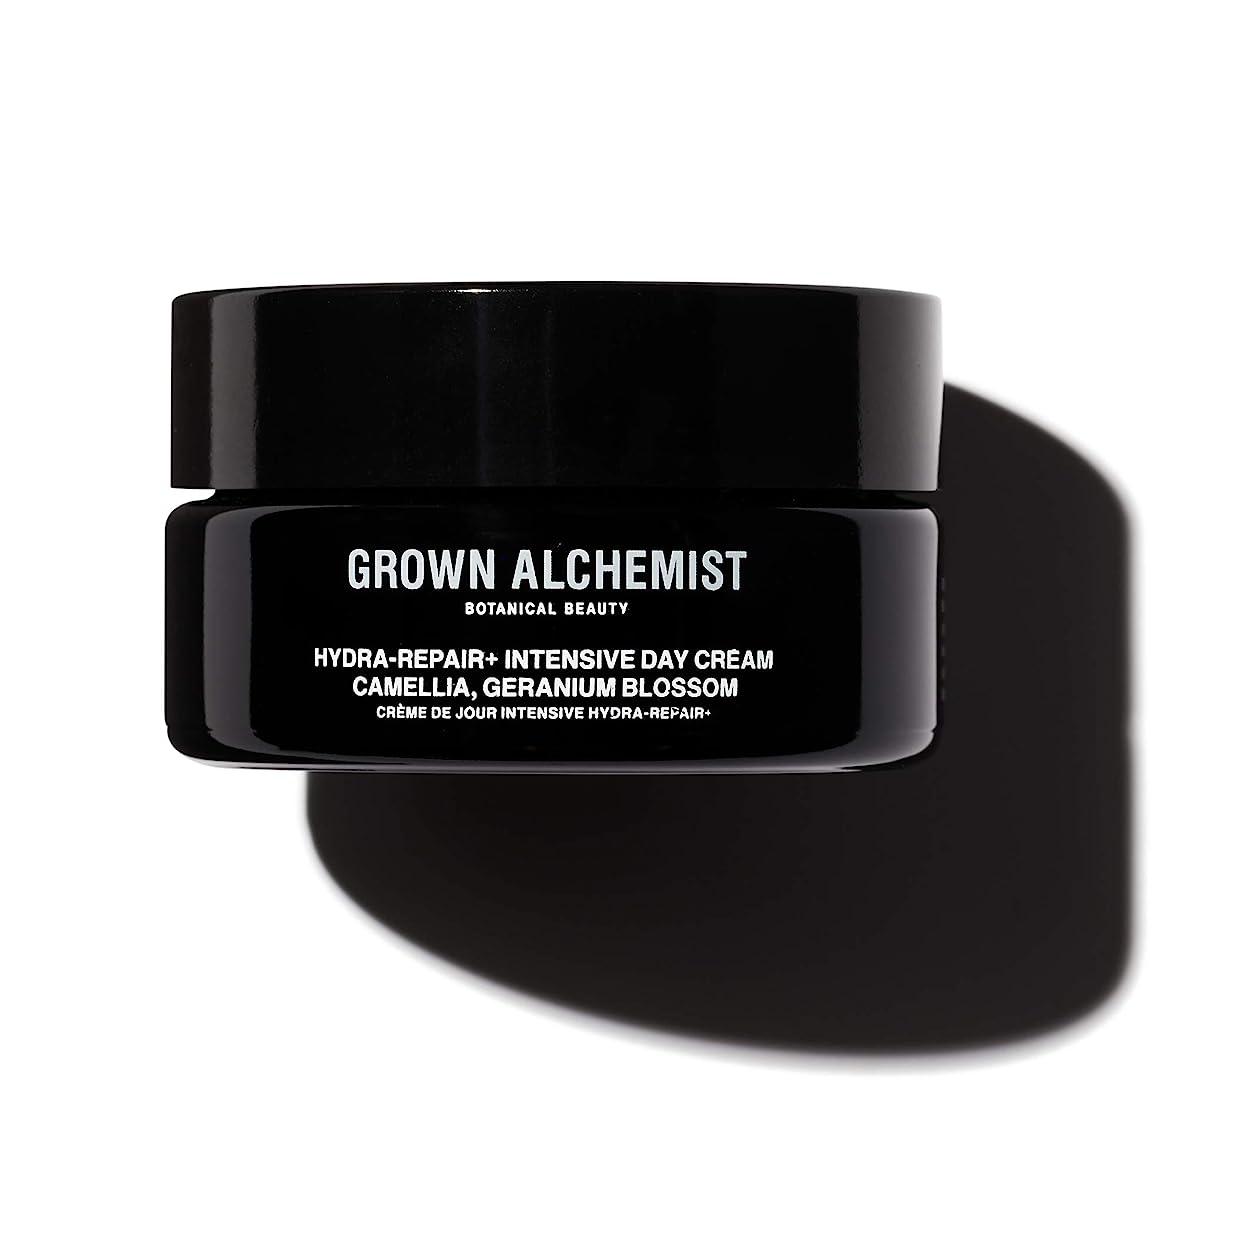 野心的麻痺させるいつもGrown Alchemist Hydra-Repair+ Intensive Day Cream - Camellia & Geranium Blossom 40ml/1.35oz並行輸入品